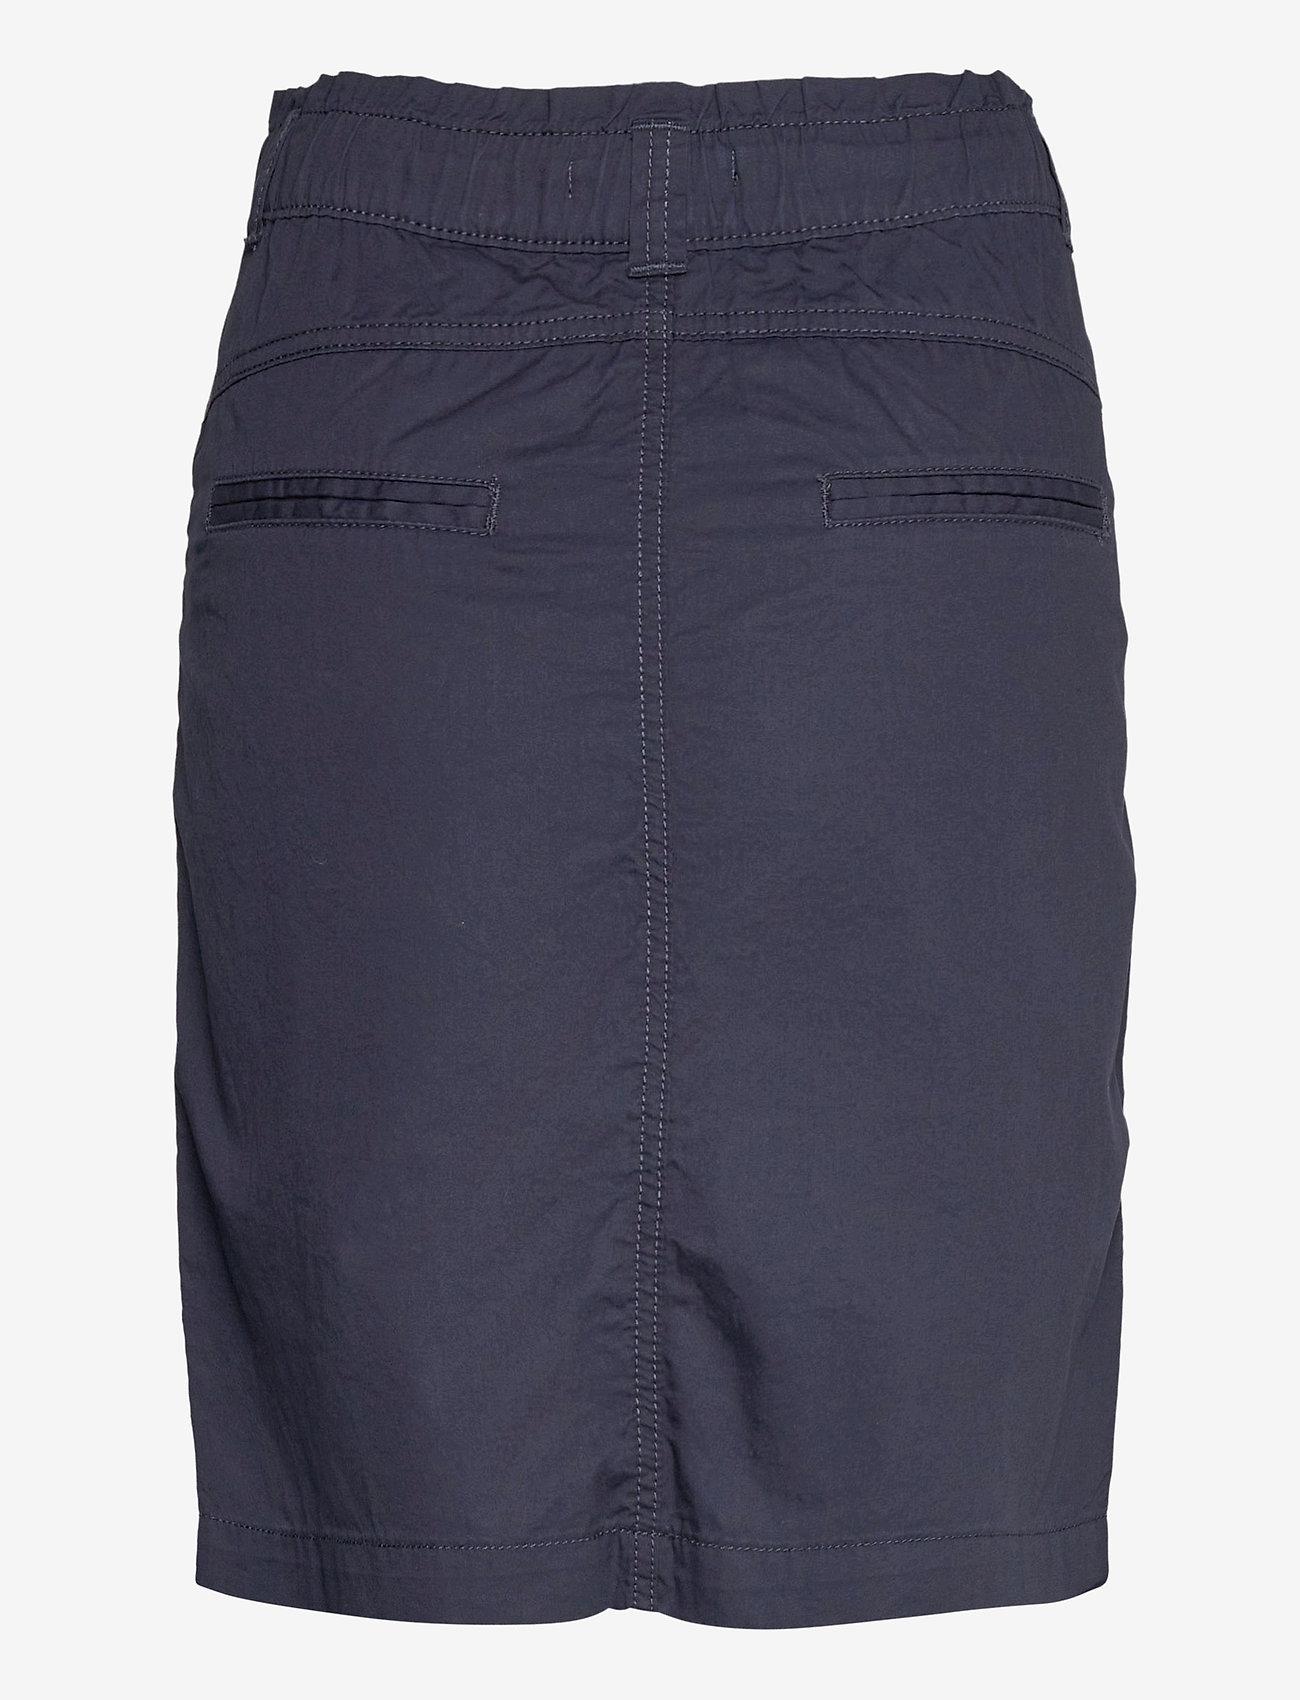 Esprit Casual - Skirts woven - korta kjolar - navy - 1